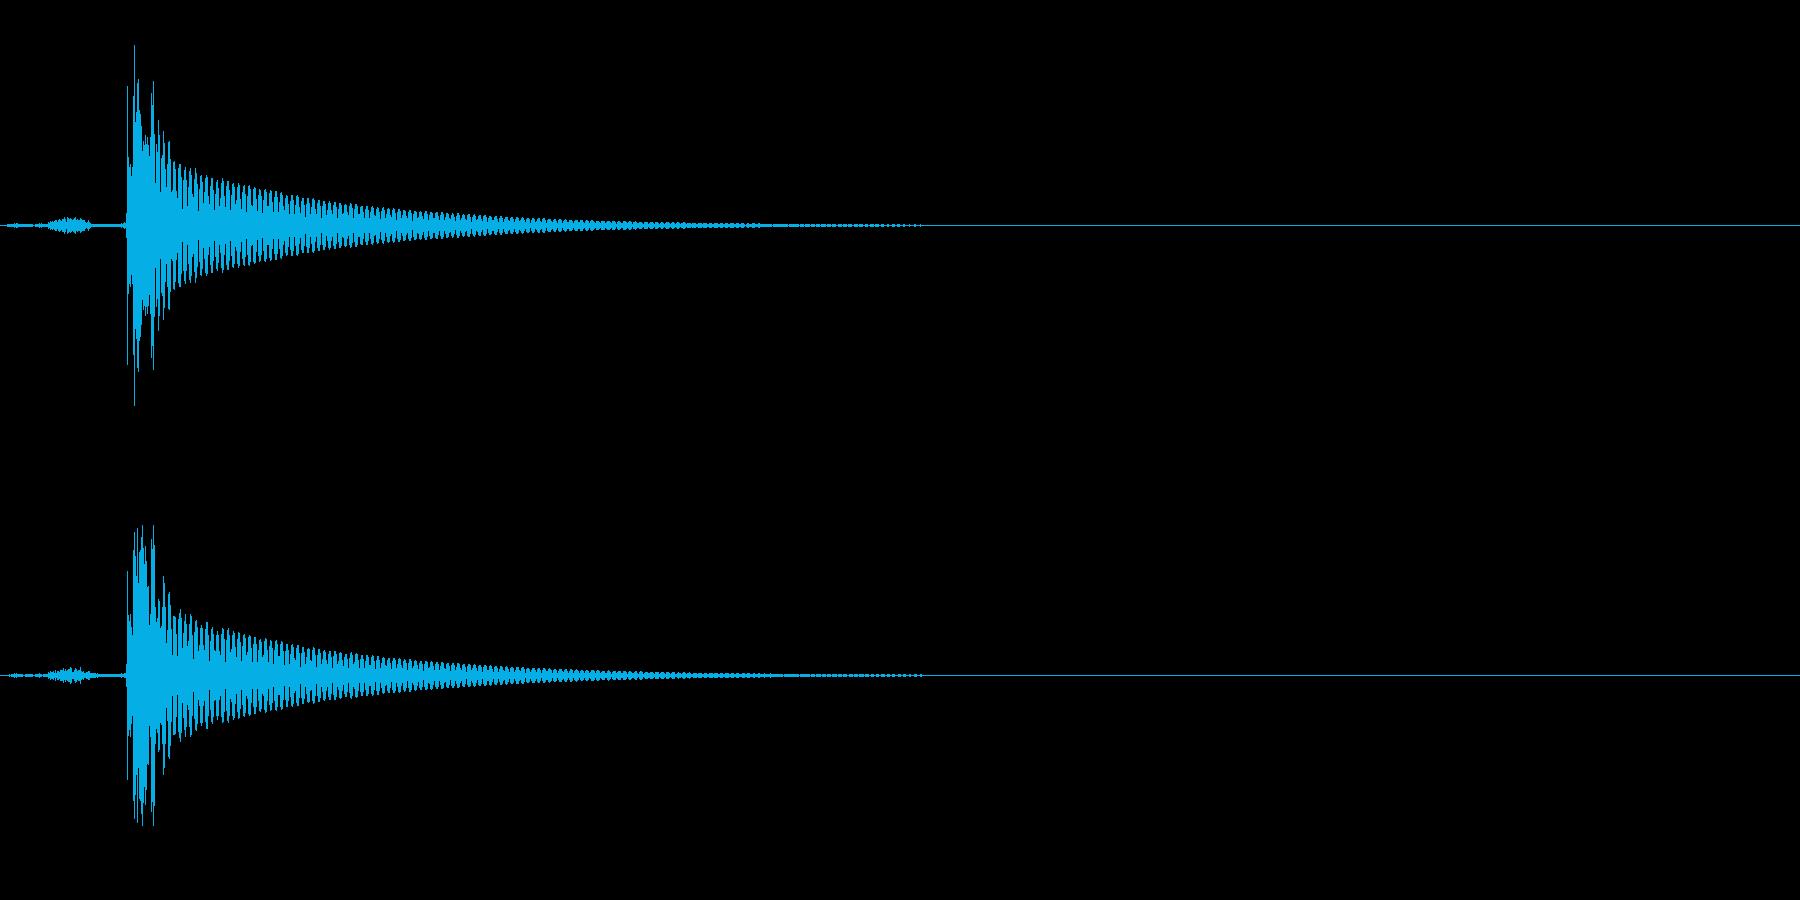 ワインボトルを開ける音(音程低め)の再生済みの波形